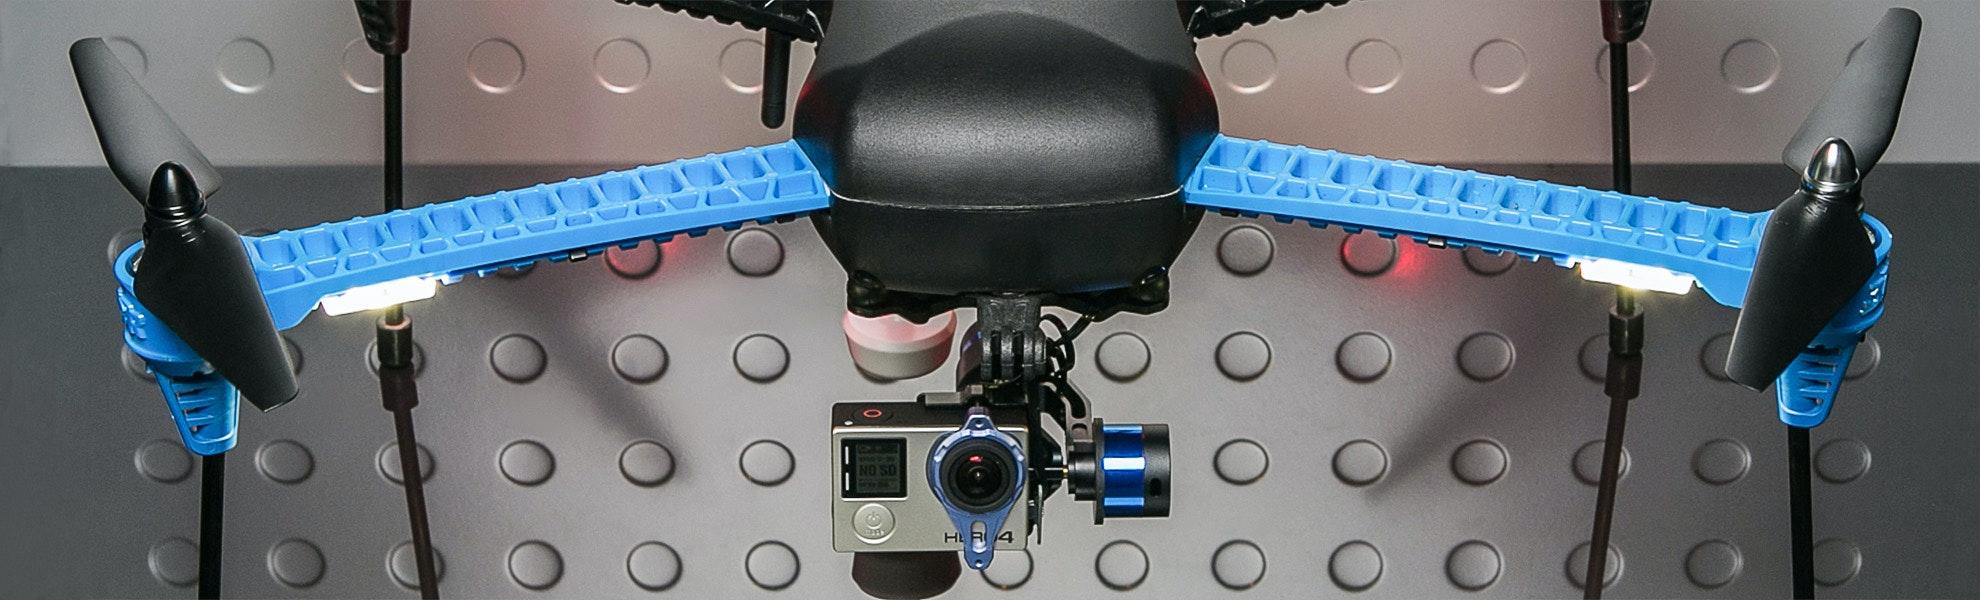 3DR Iris+ Aerial Surveyor Drone